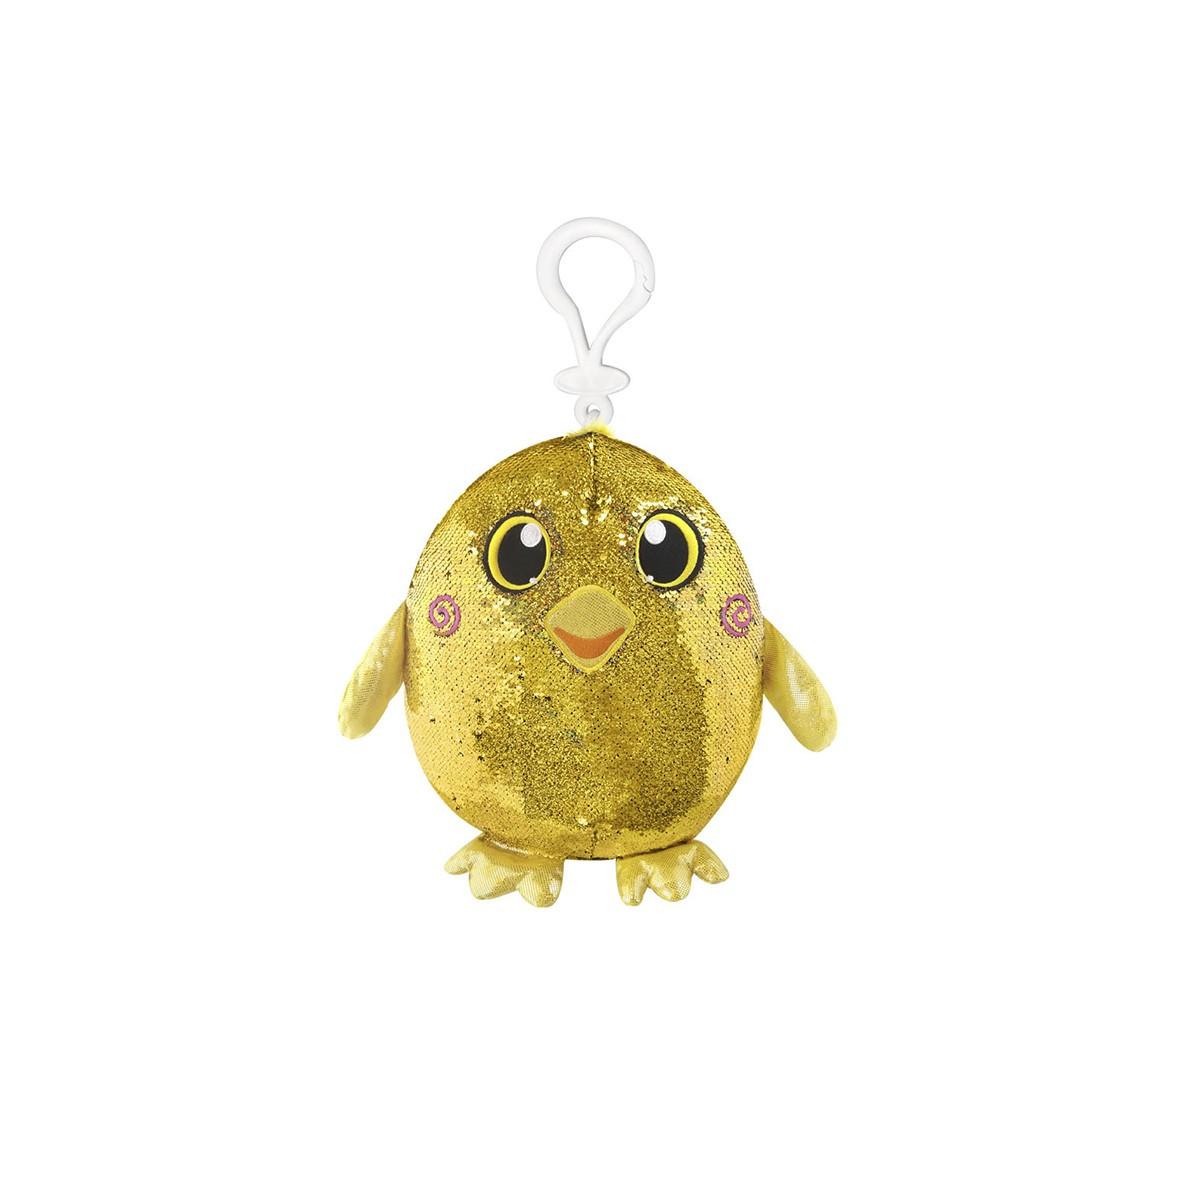 М'яка іграшка з паєтками SHIMMEEZ - Радісна качечка (9 см, на кліпсі)